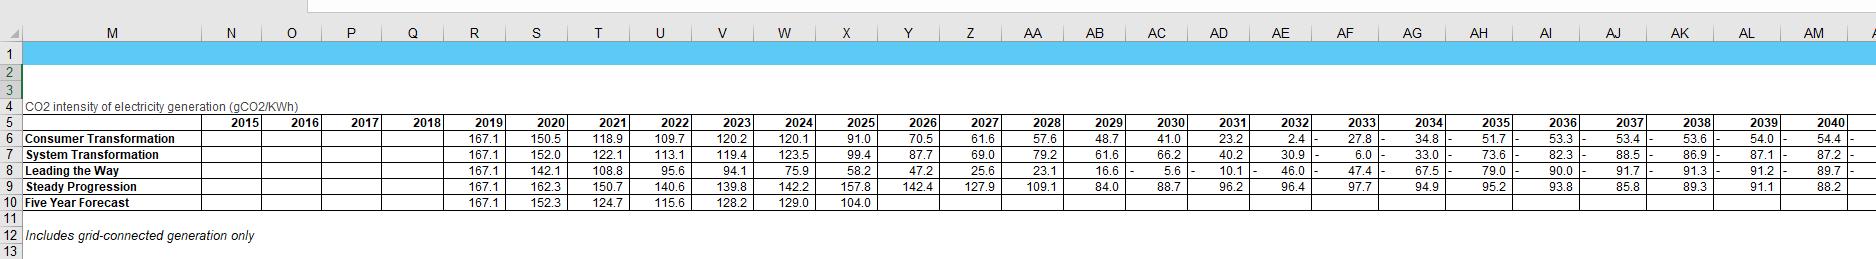 Add UK Future Energy Scenarios 2020 Grids